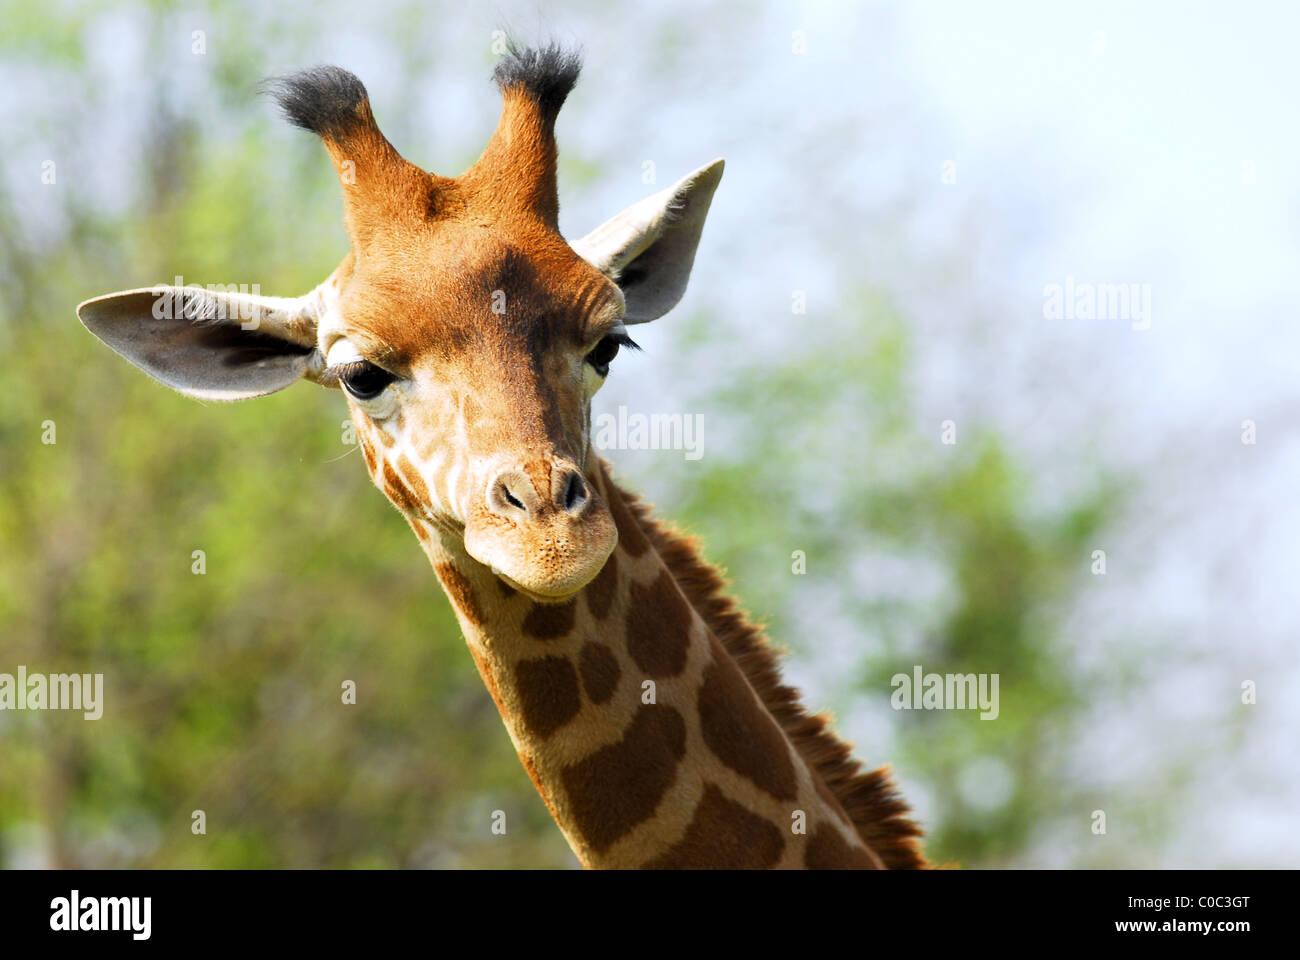 Retrato de rostro joven jirafa (Camelopardalis) Imagen De Stock